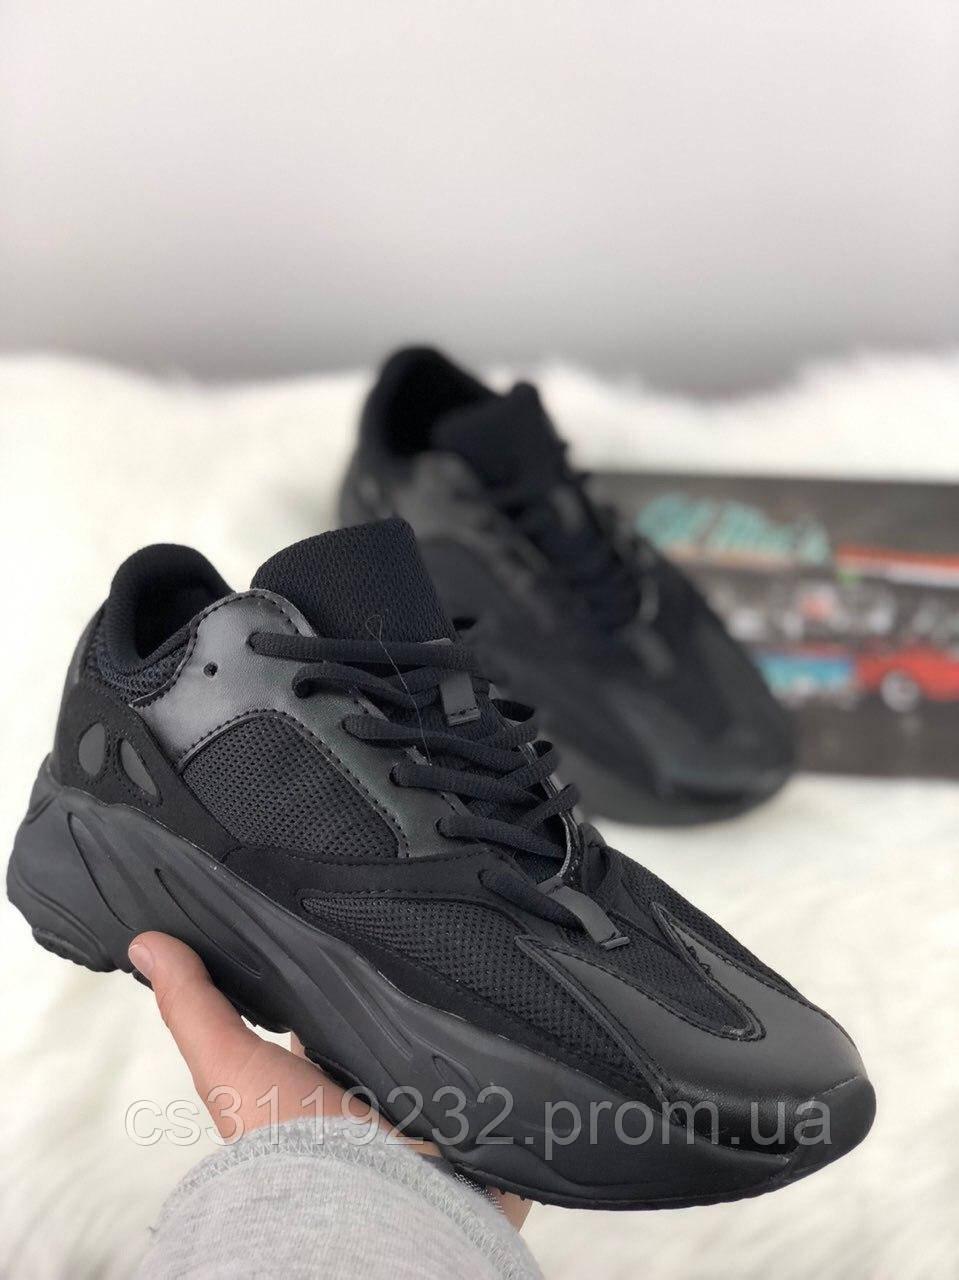 Мужские кроссовки Adidas Yeezy Boost Wave Runner 700 Black (черные)